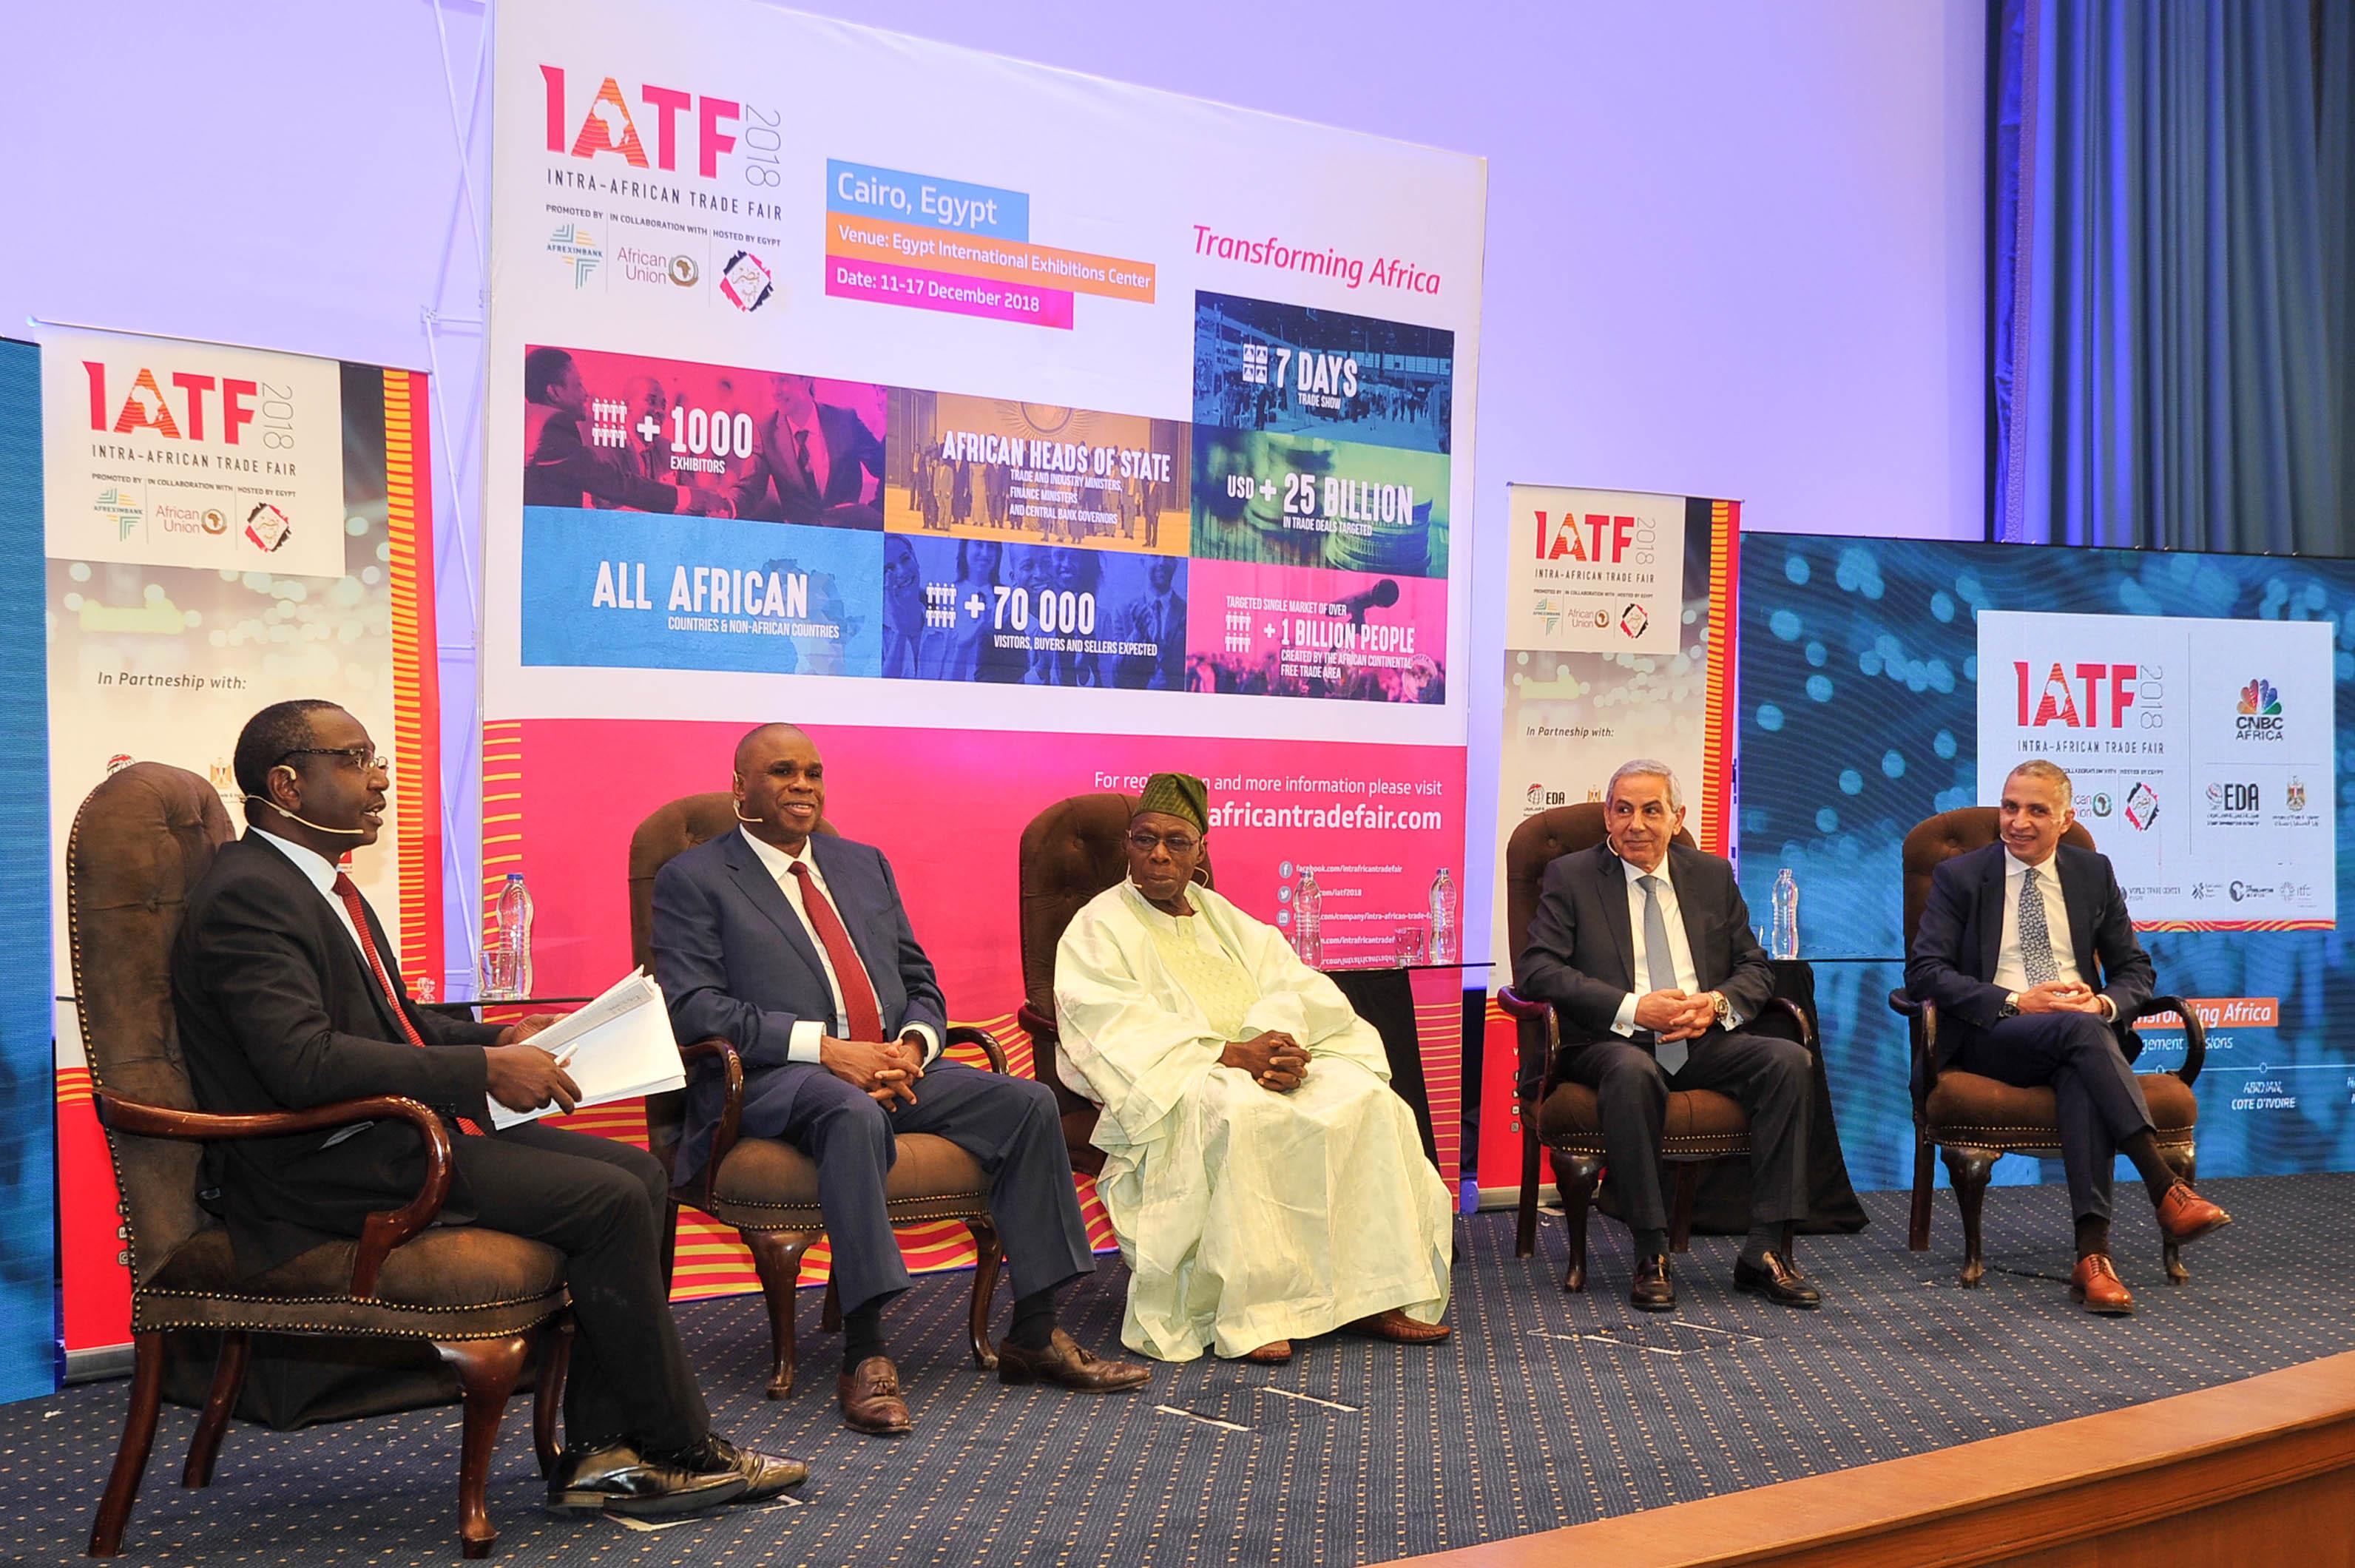 Deepening Kenya-African trade through IATF